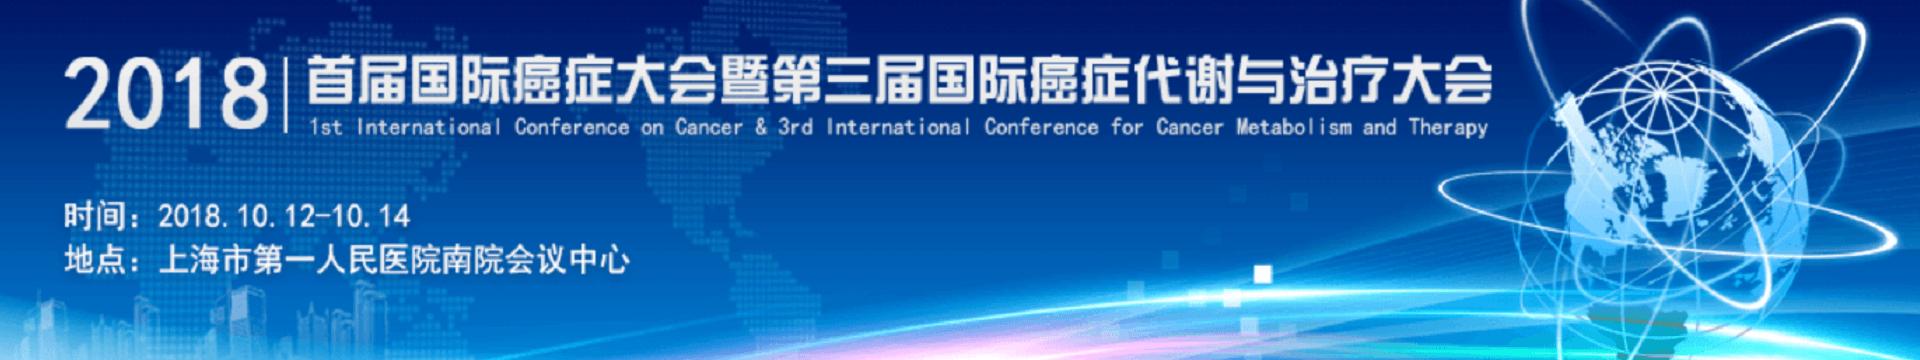 2018首届国际癌症大会暨第三届国际癌症代谢与治疗大会暨第四届全国肿瘤代谢年会